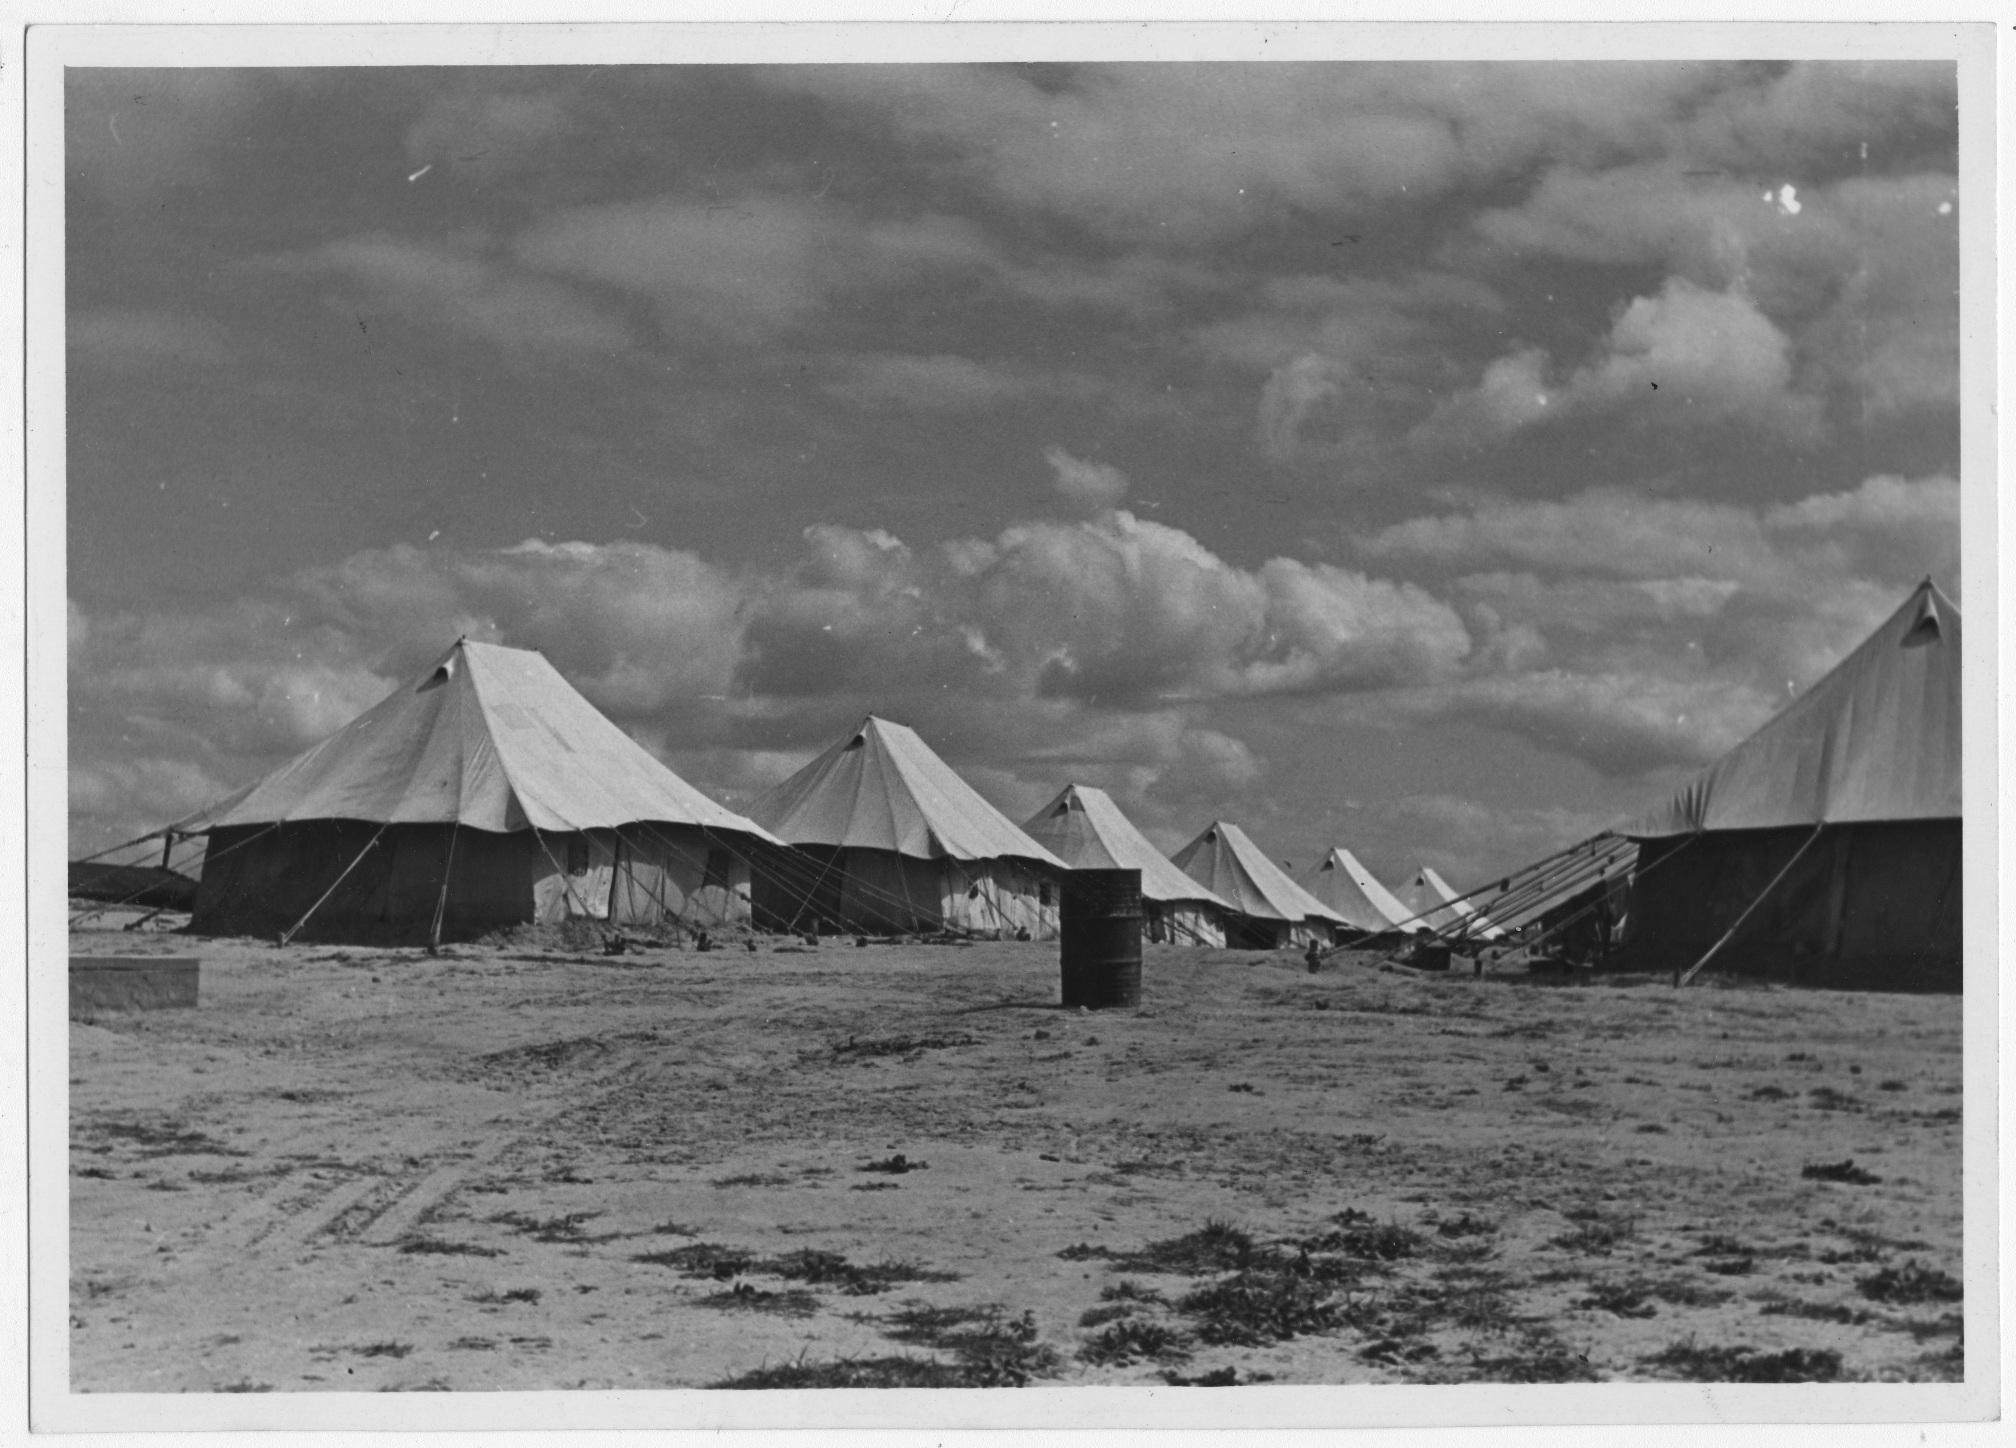 اللاجئون, فلسطين, مخيمات